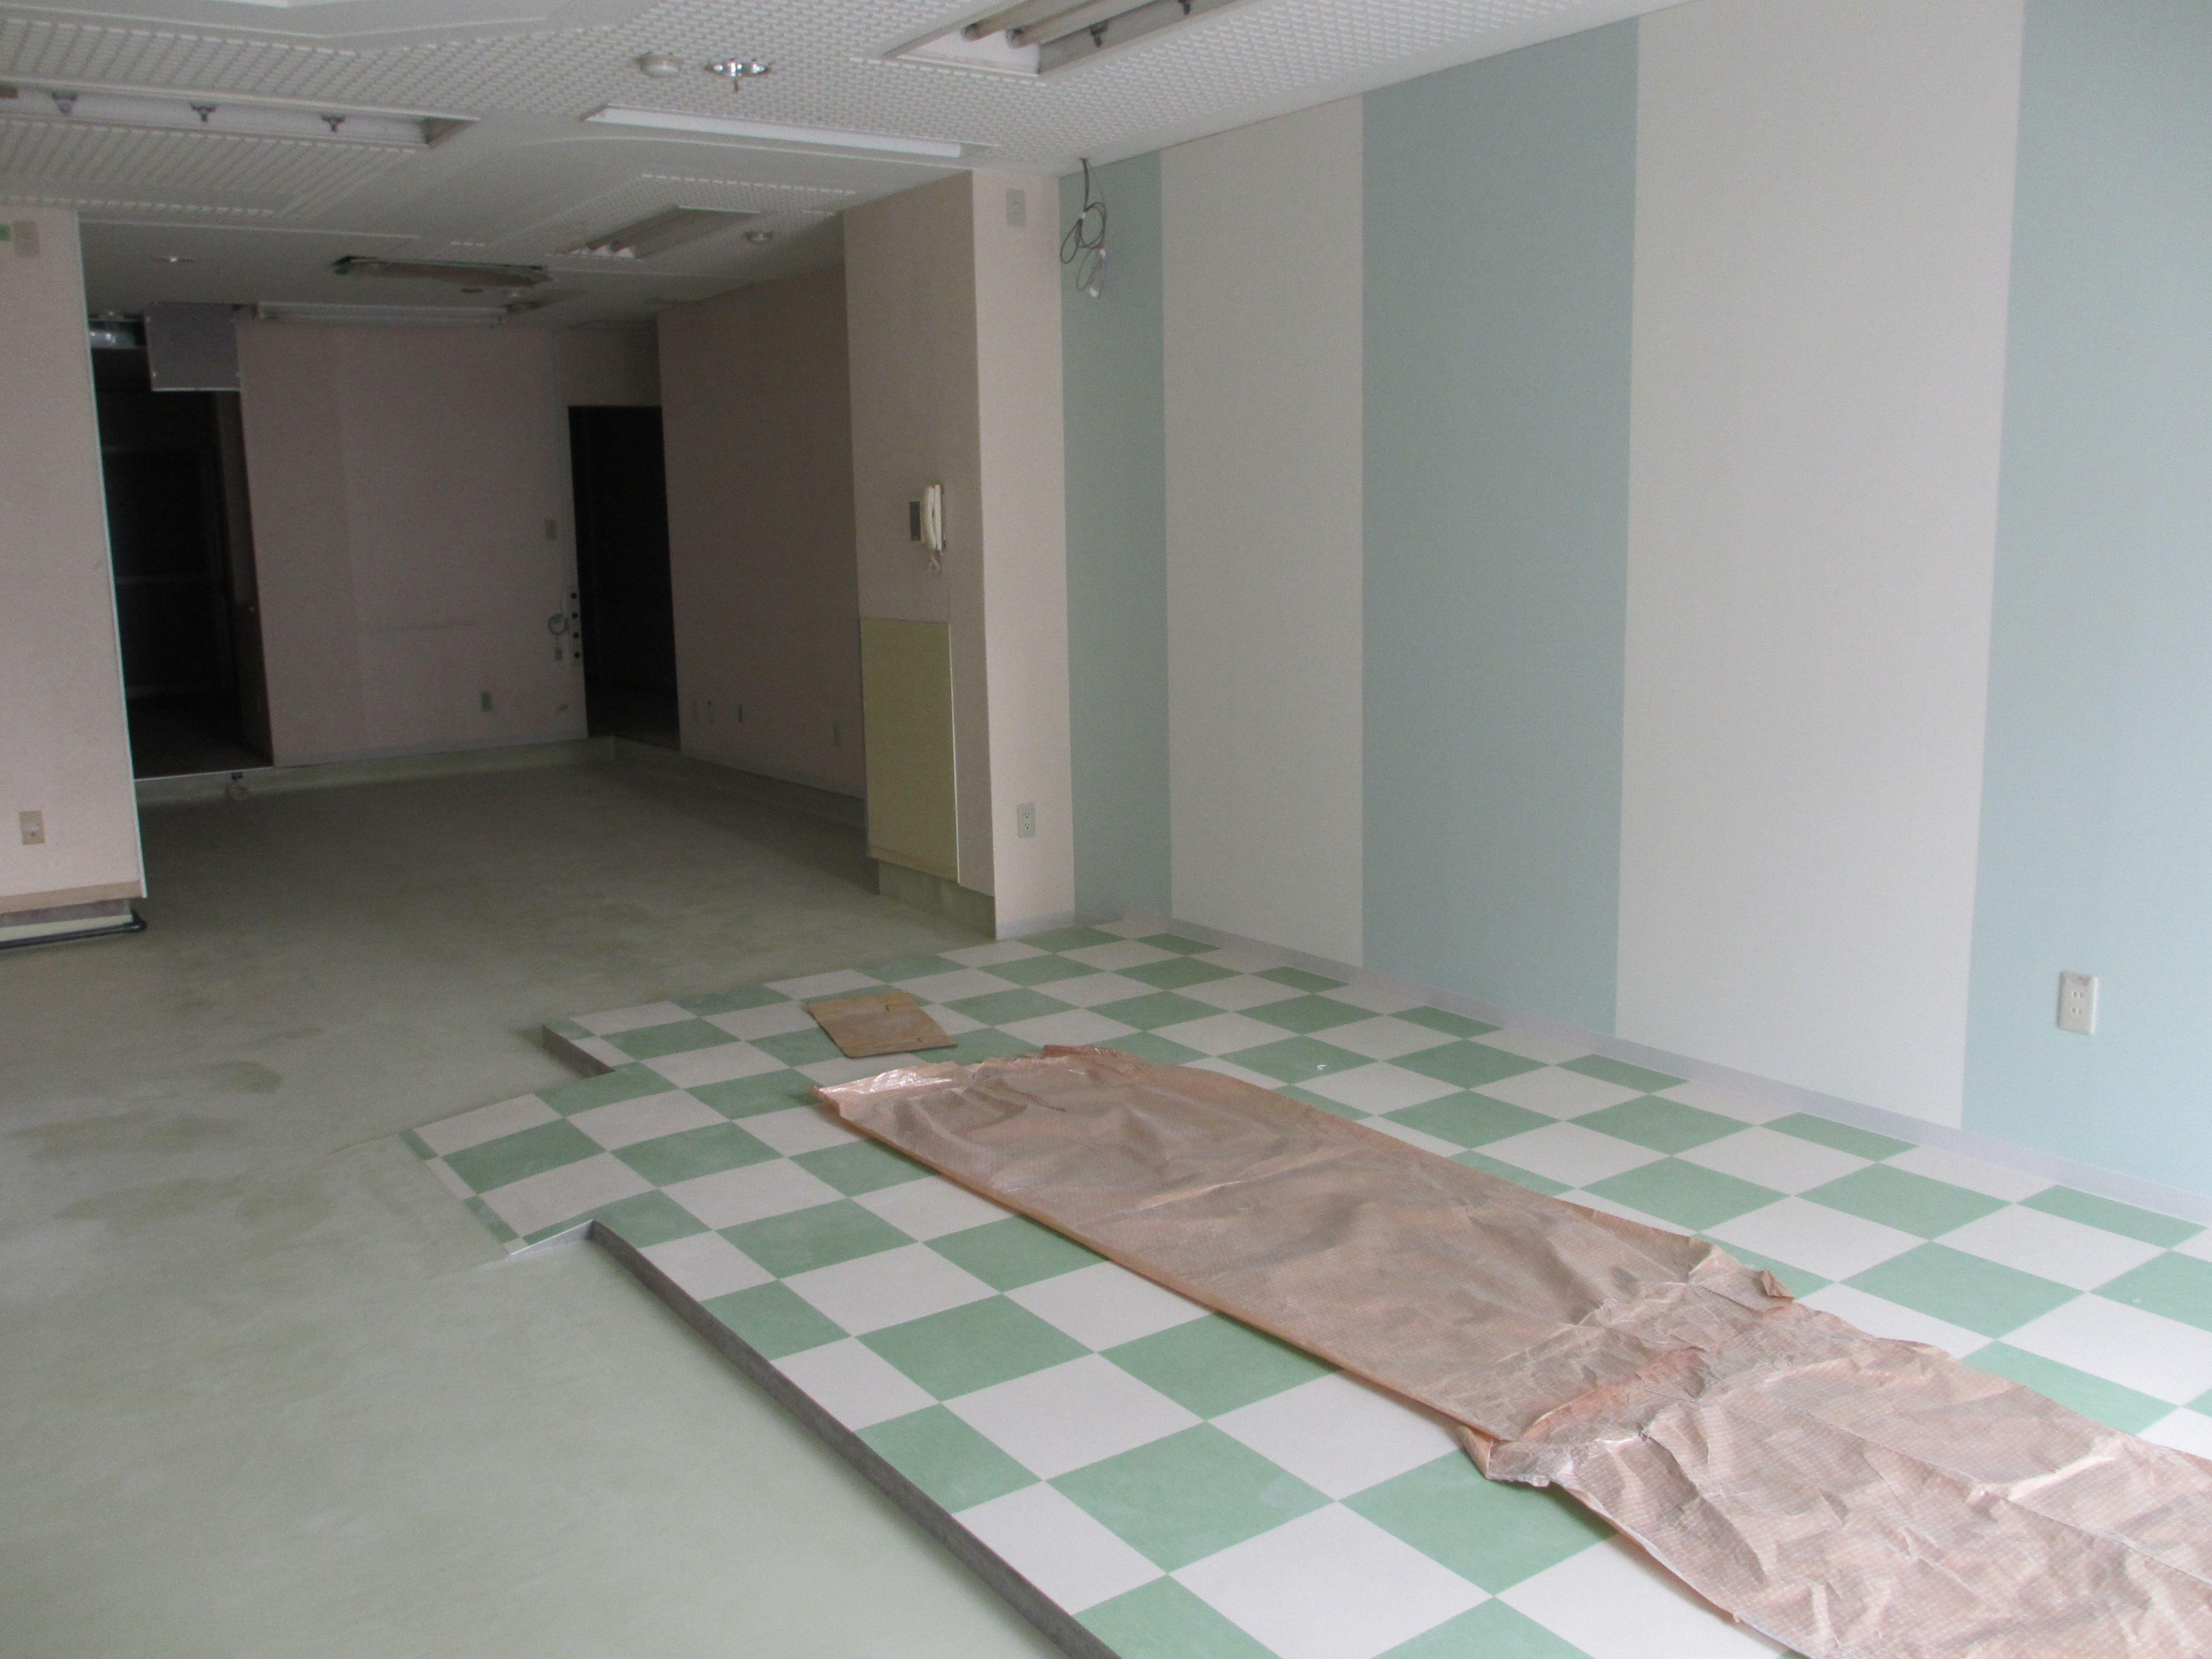 430Days Petit 本店営業部内装の様子  クロスはマシュマロとペパーミントのストライプ、2年生職員のセレクトです。